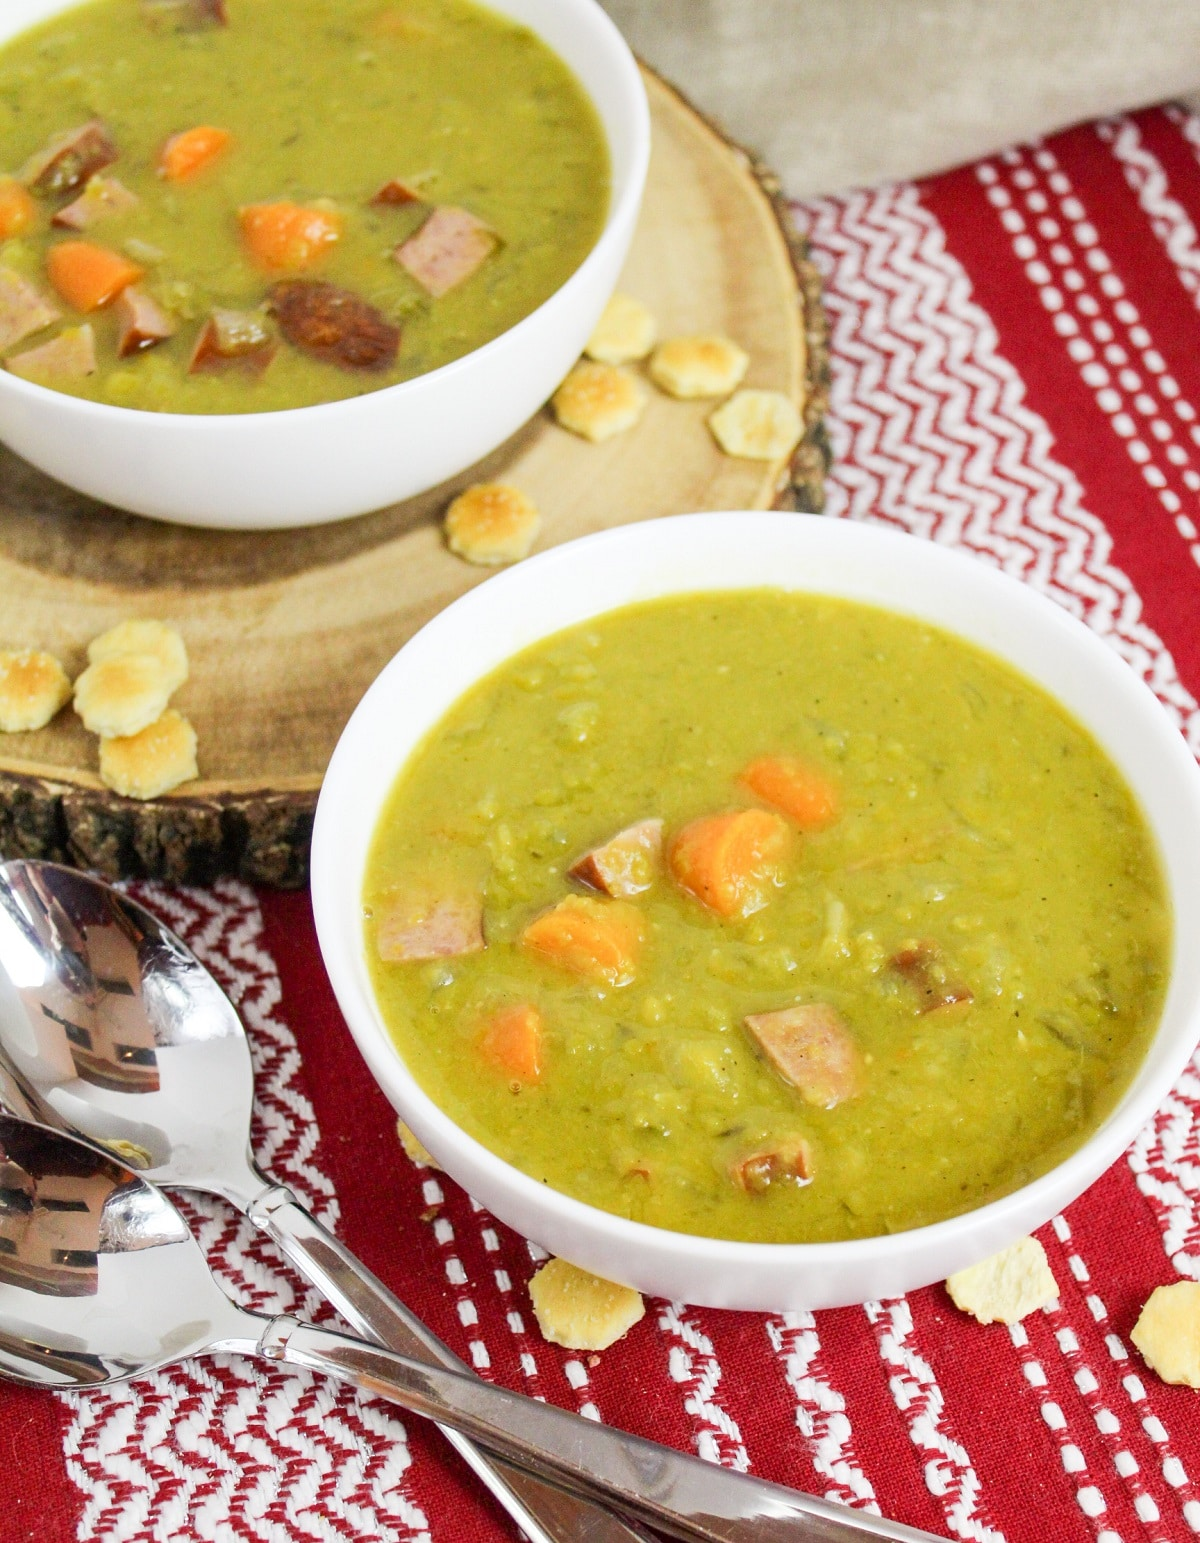 split pea and kielbasa soup in a white bowl